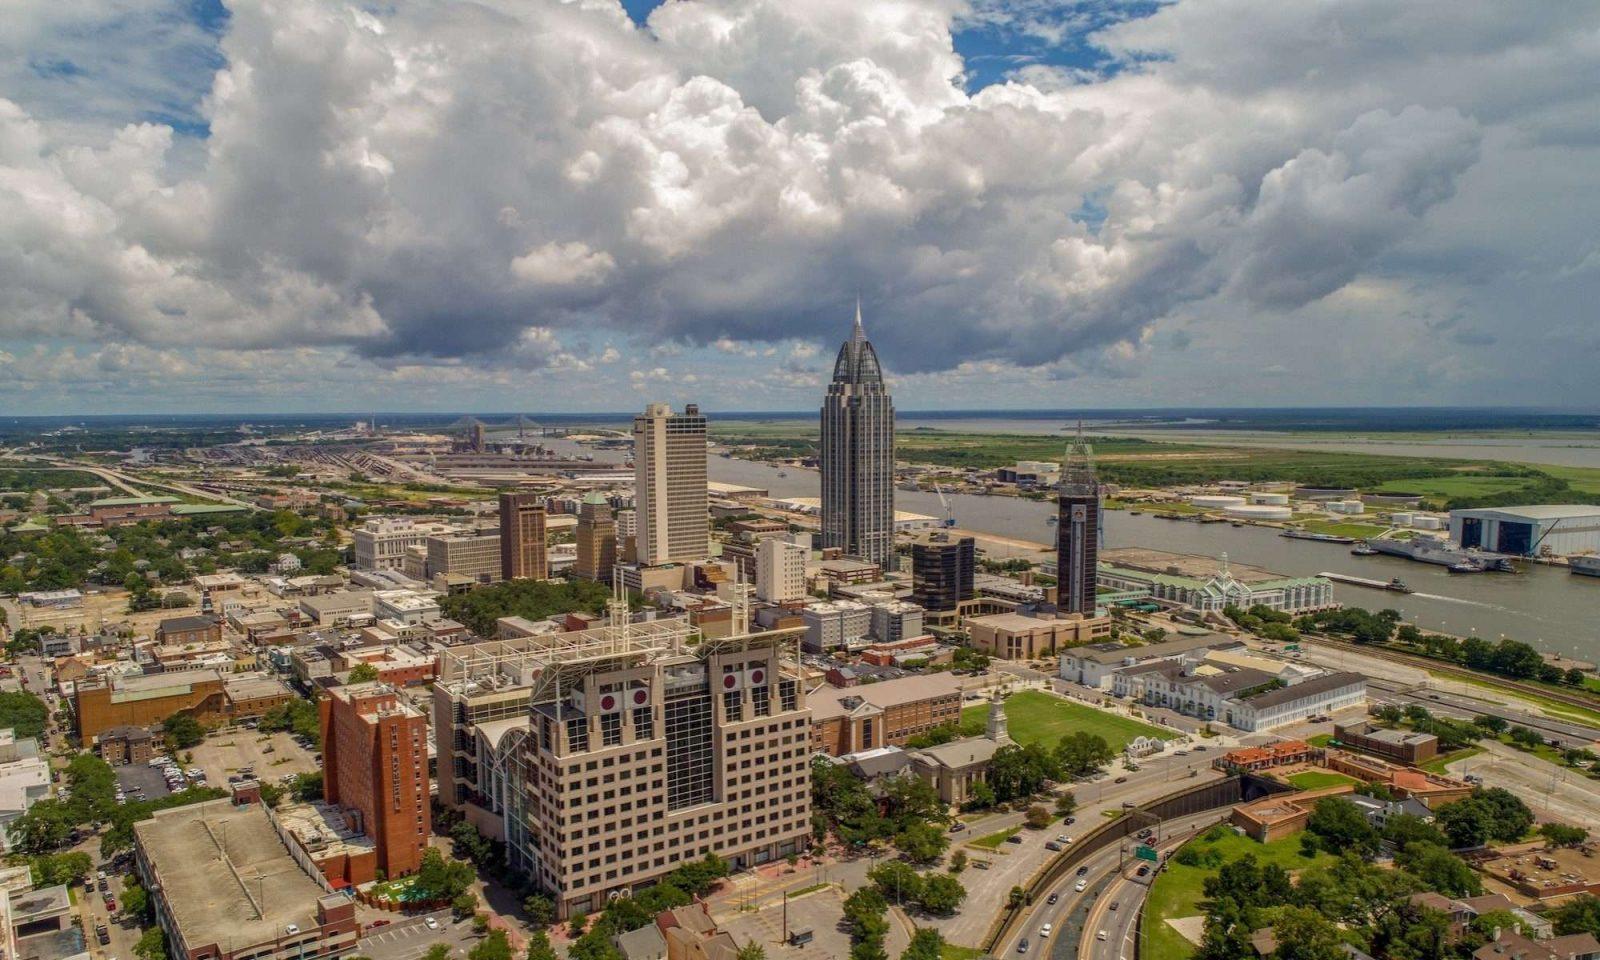 Out of Atlanta